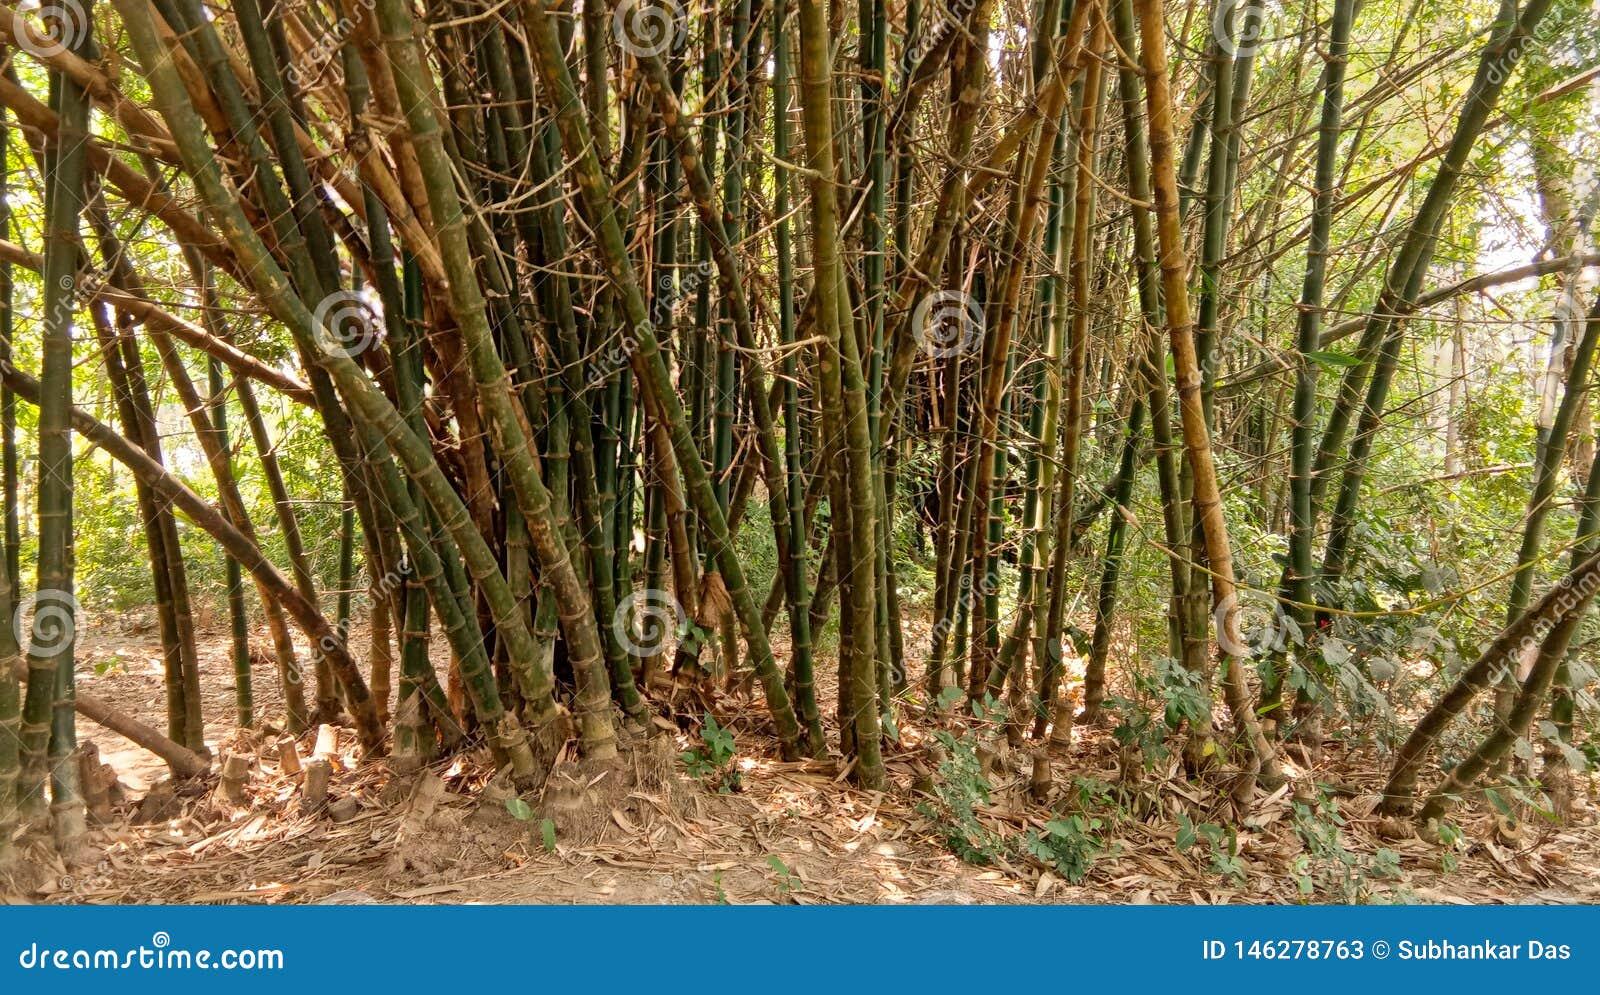 Árbol de bambú en bosque tropical en una imagen del mediodía del verano